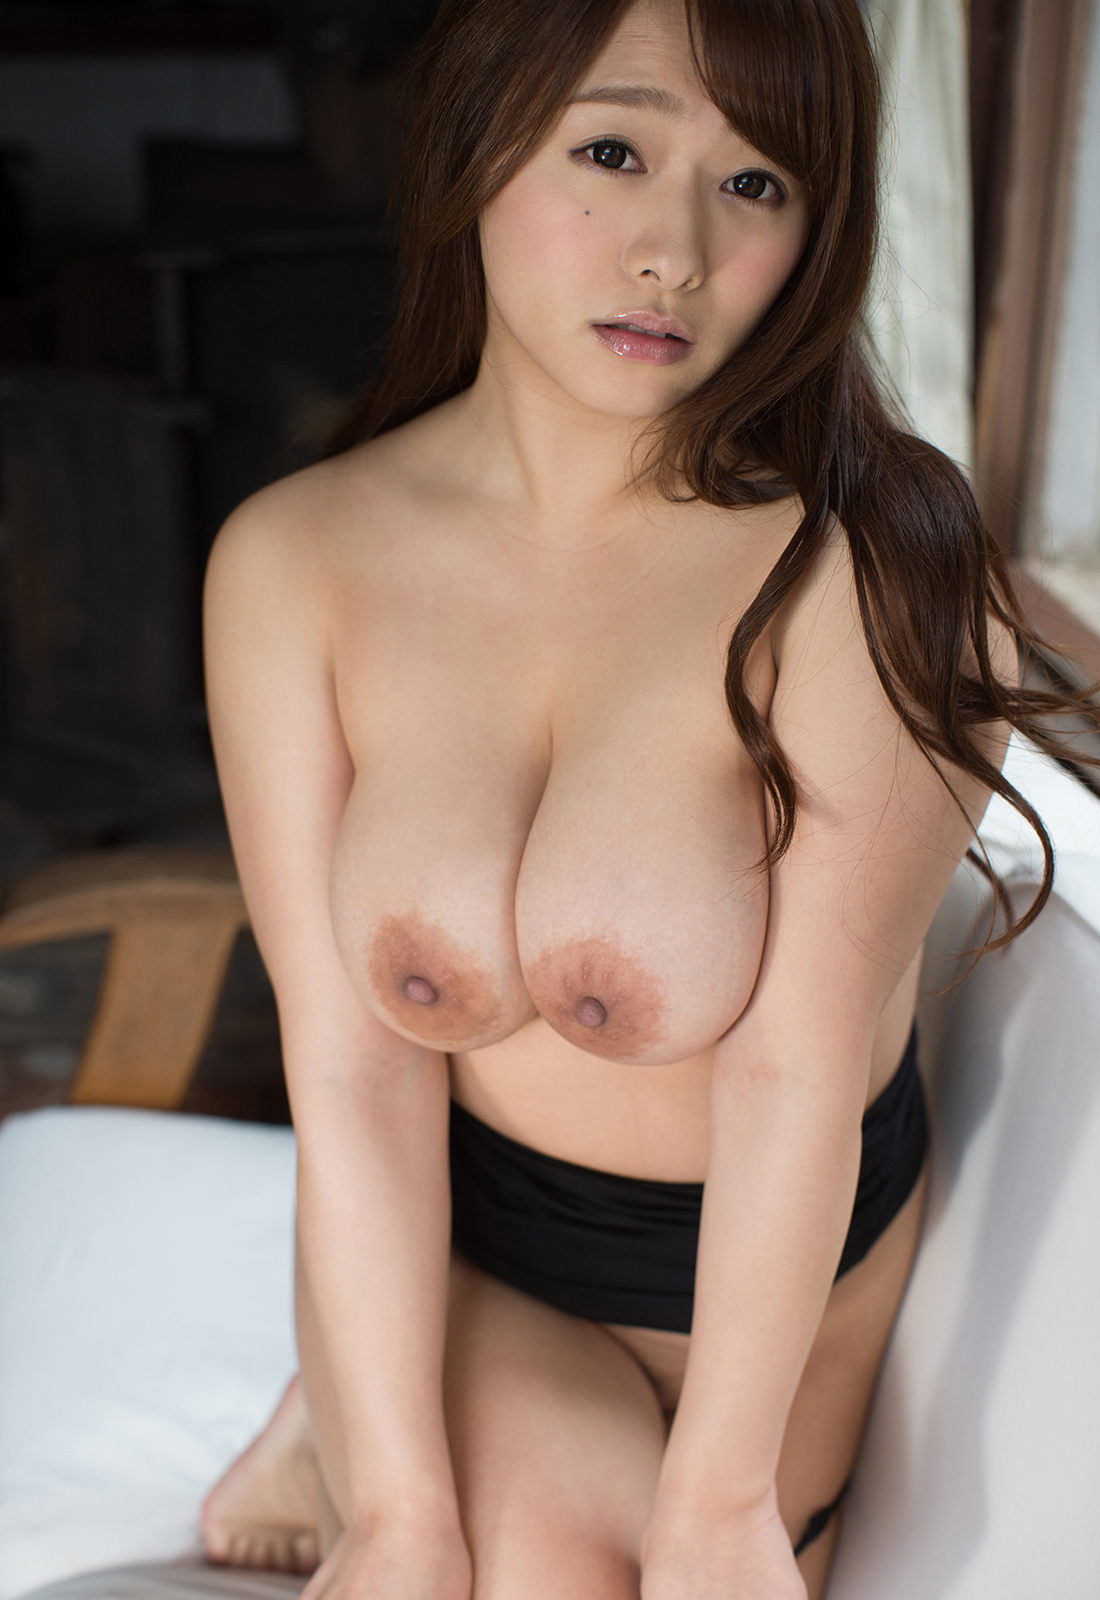 白石茉莉奈さん エロな美巨乳輪でGカップの垂れ乳お乳に見惚れちゃう